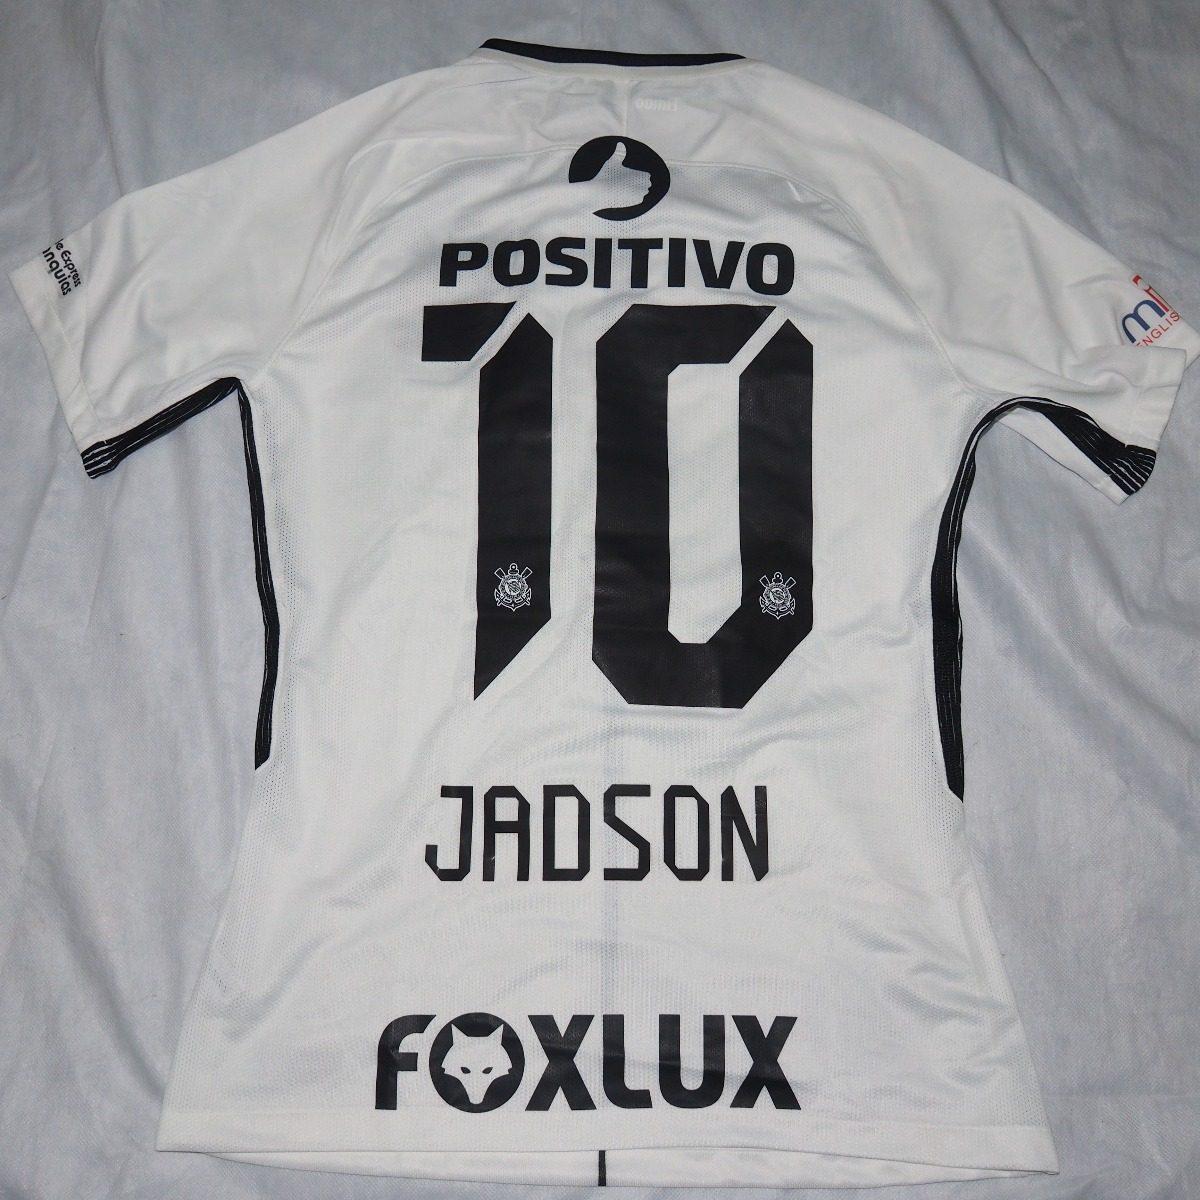 camisa corinthians de jogo - positivo - jadson. Carregando zoom. dea20a5e39c59